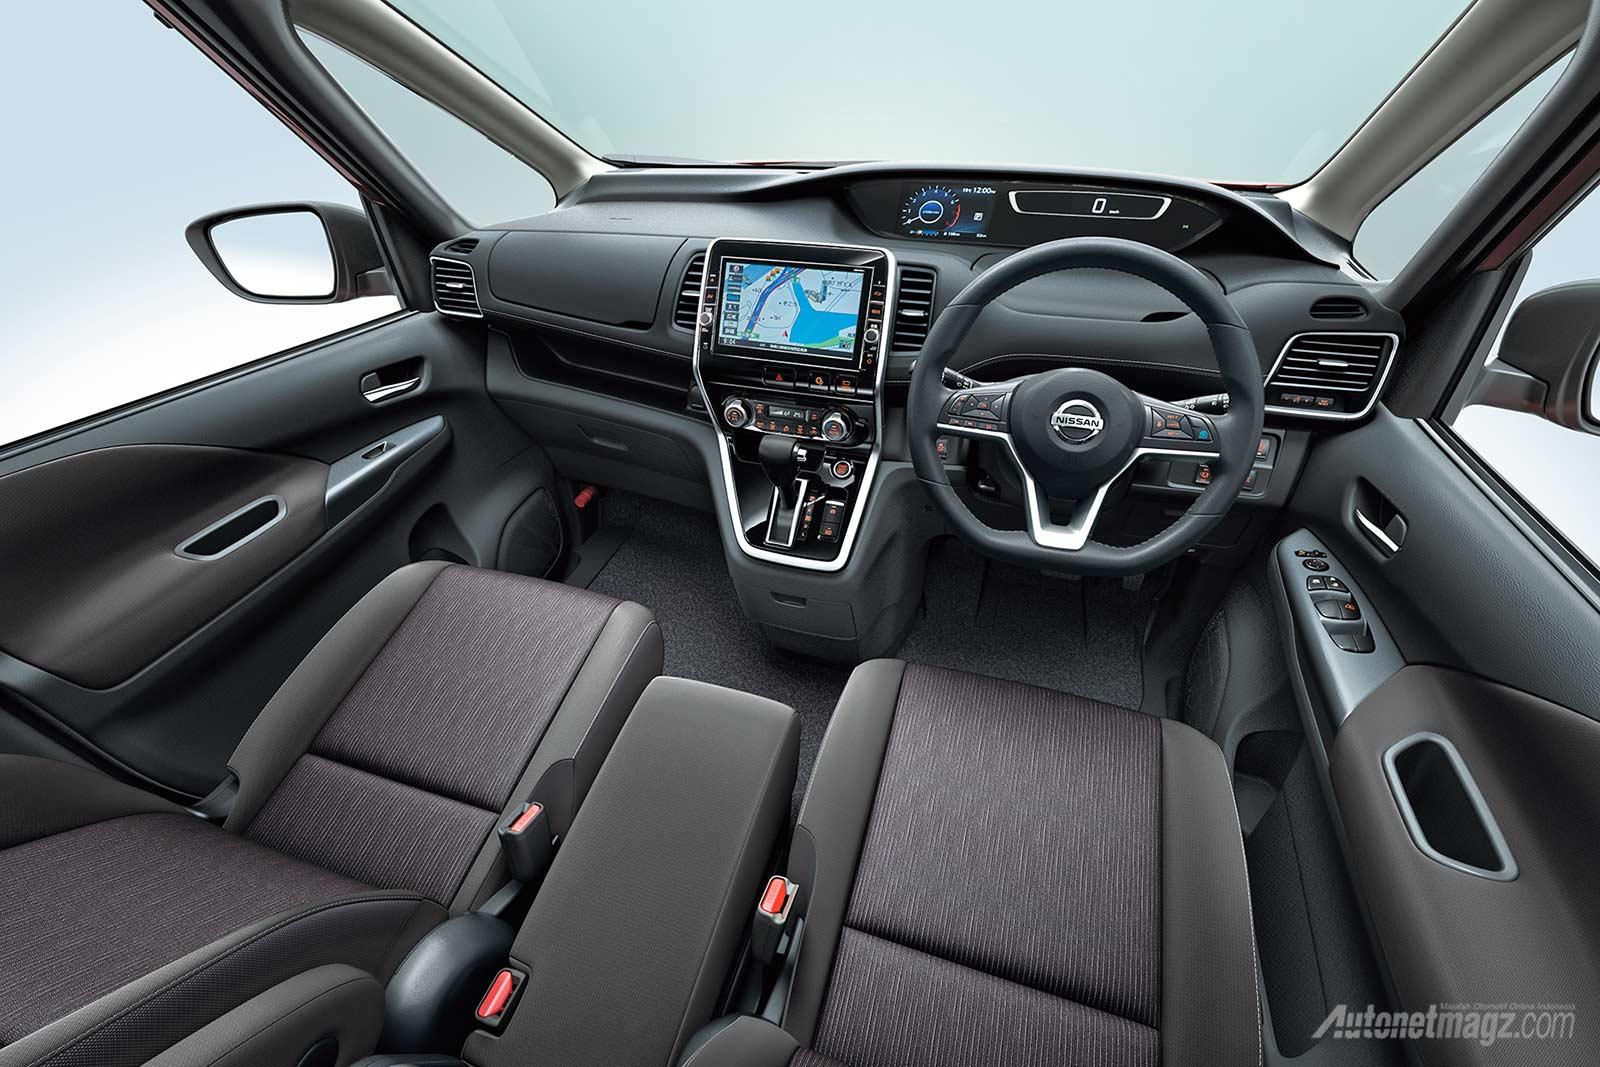 2017 Nissan Serena interior dashboard